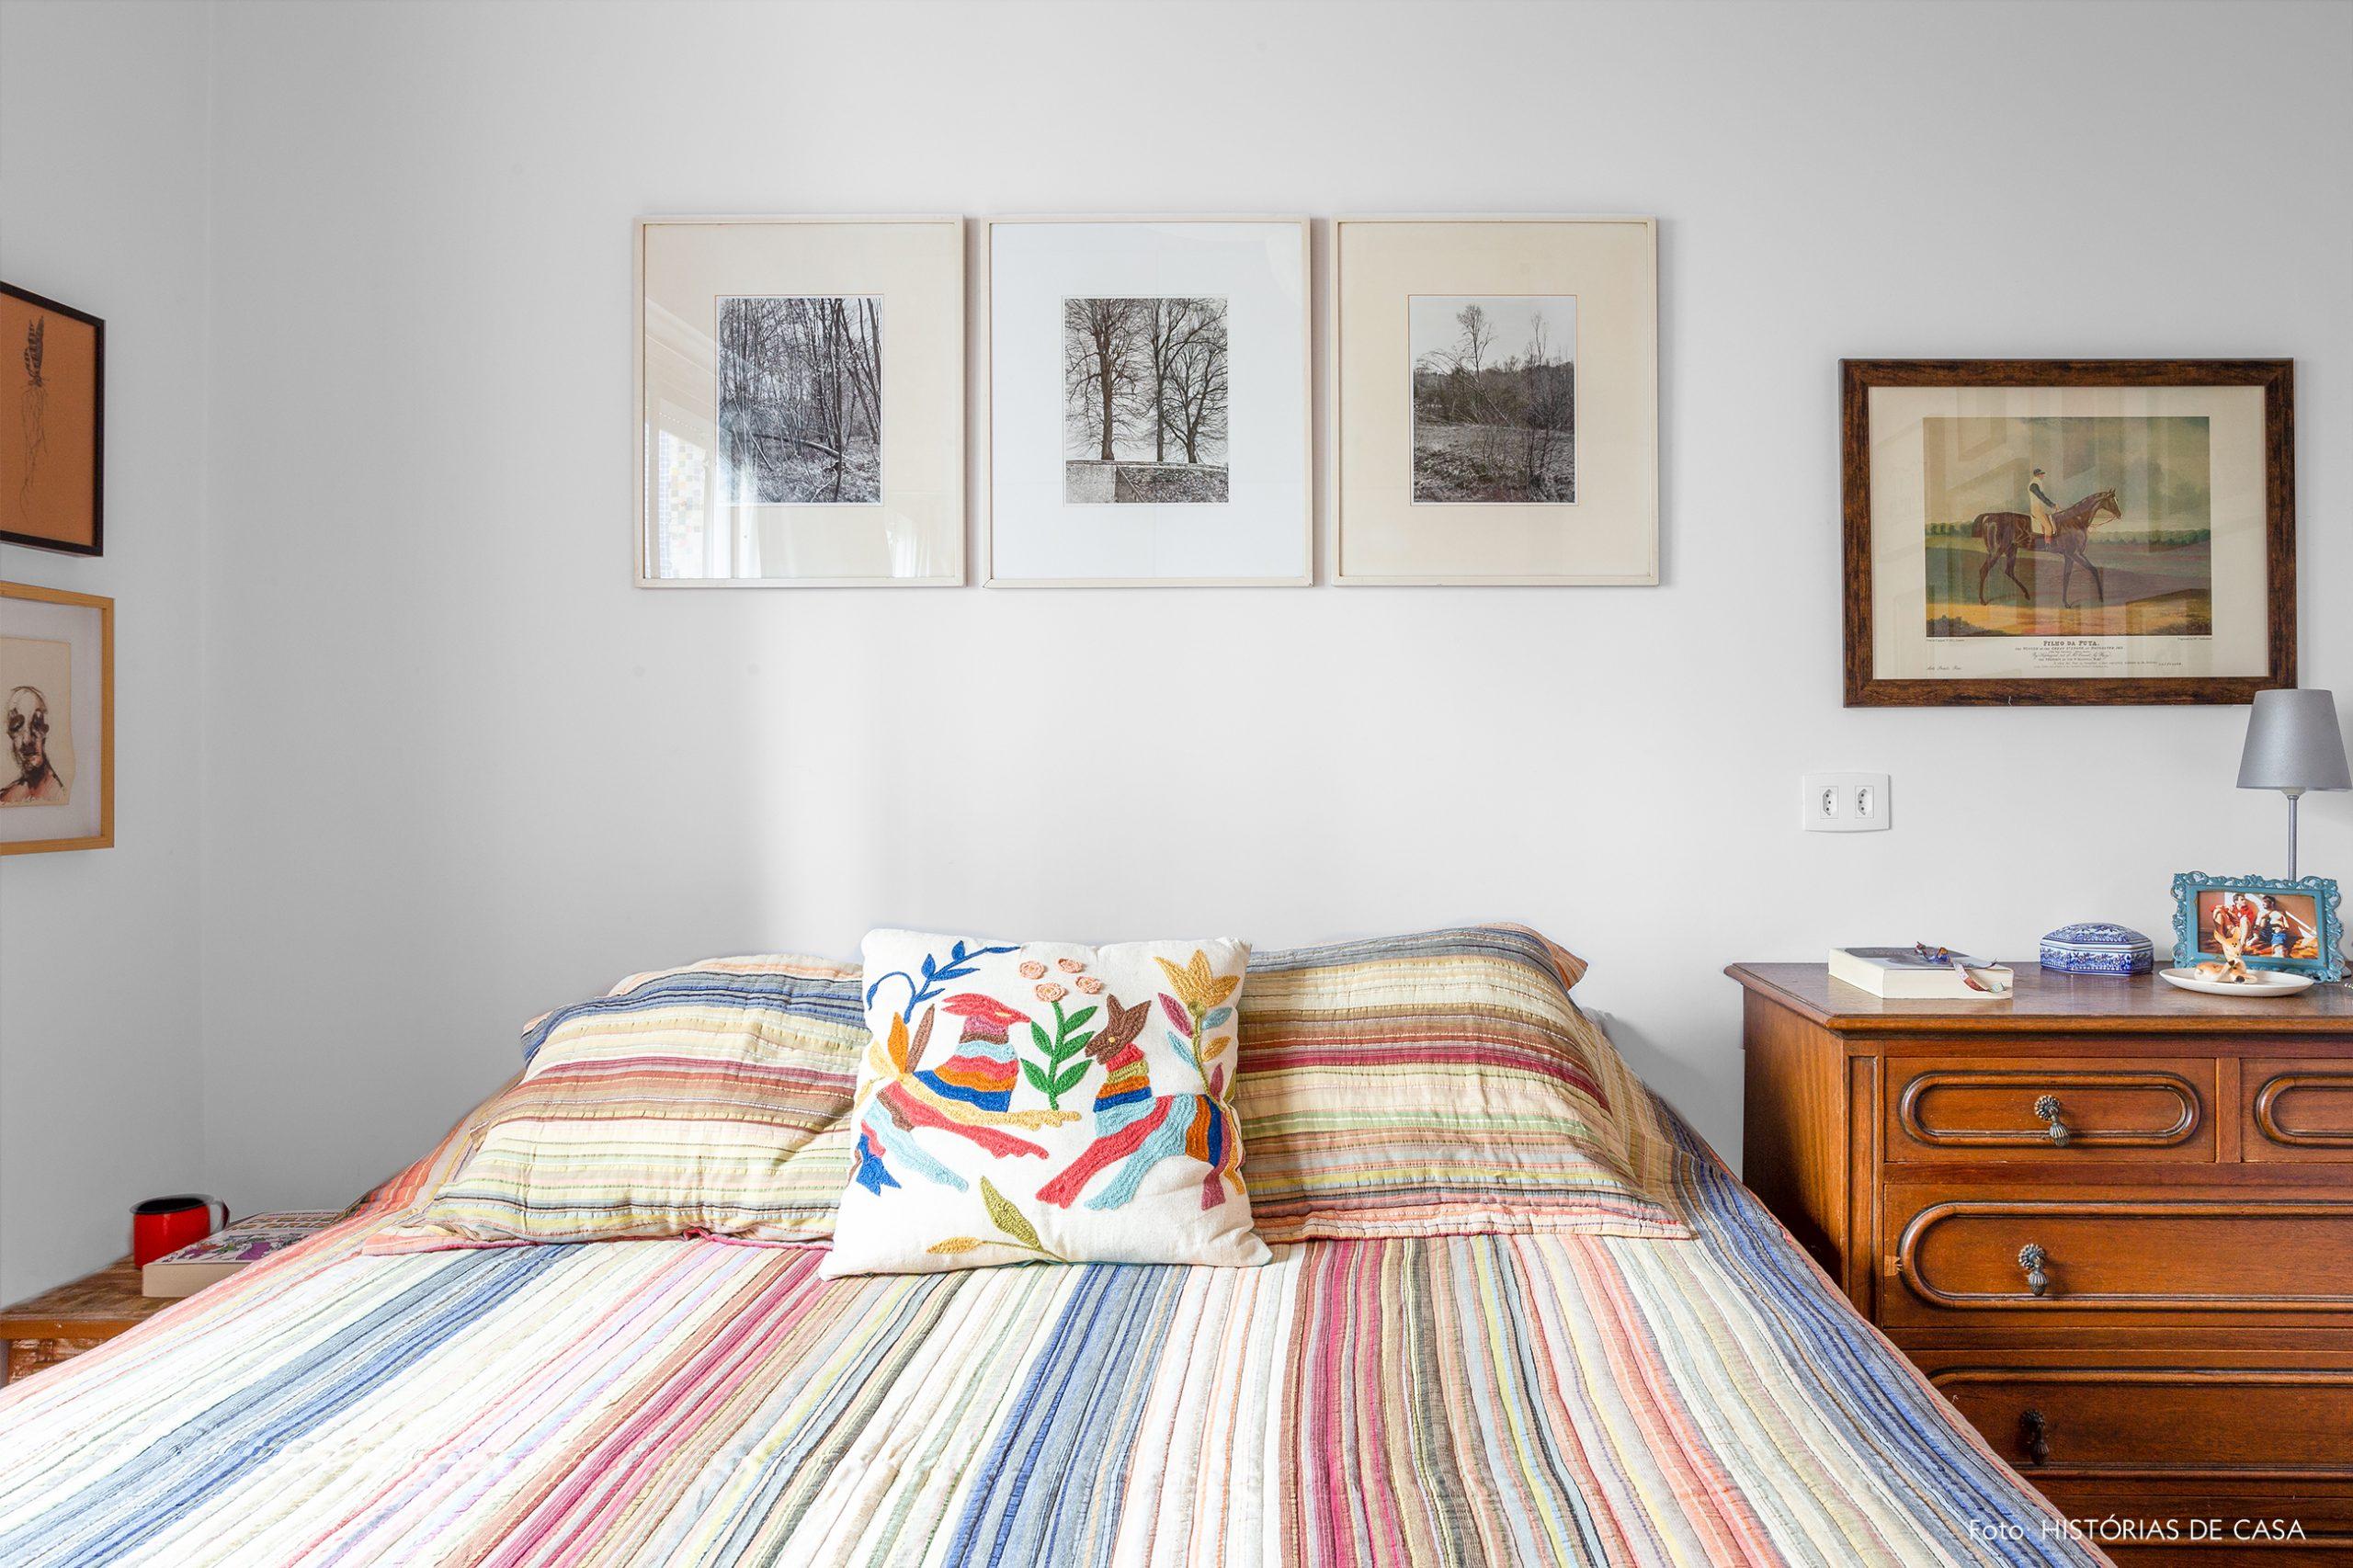 decoração quarto com muitos quadros e estante de madeira